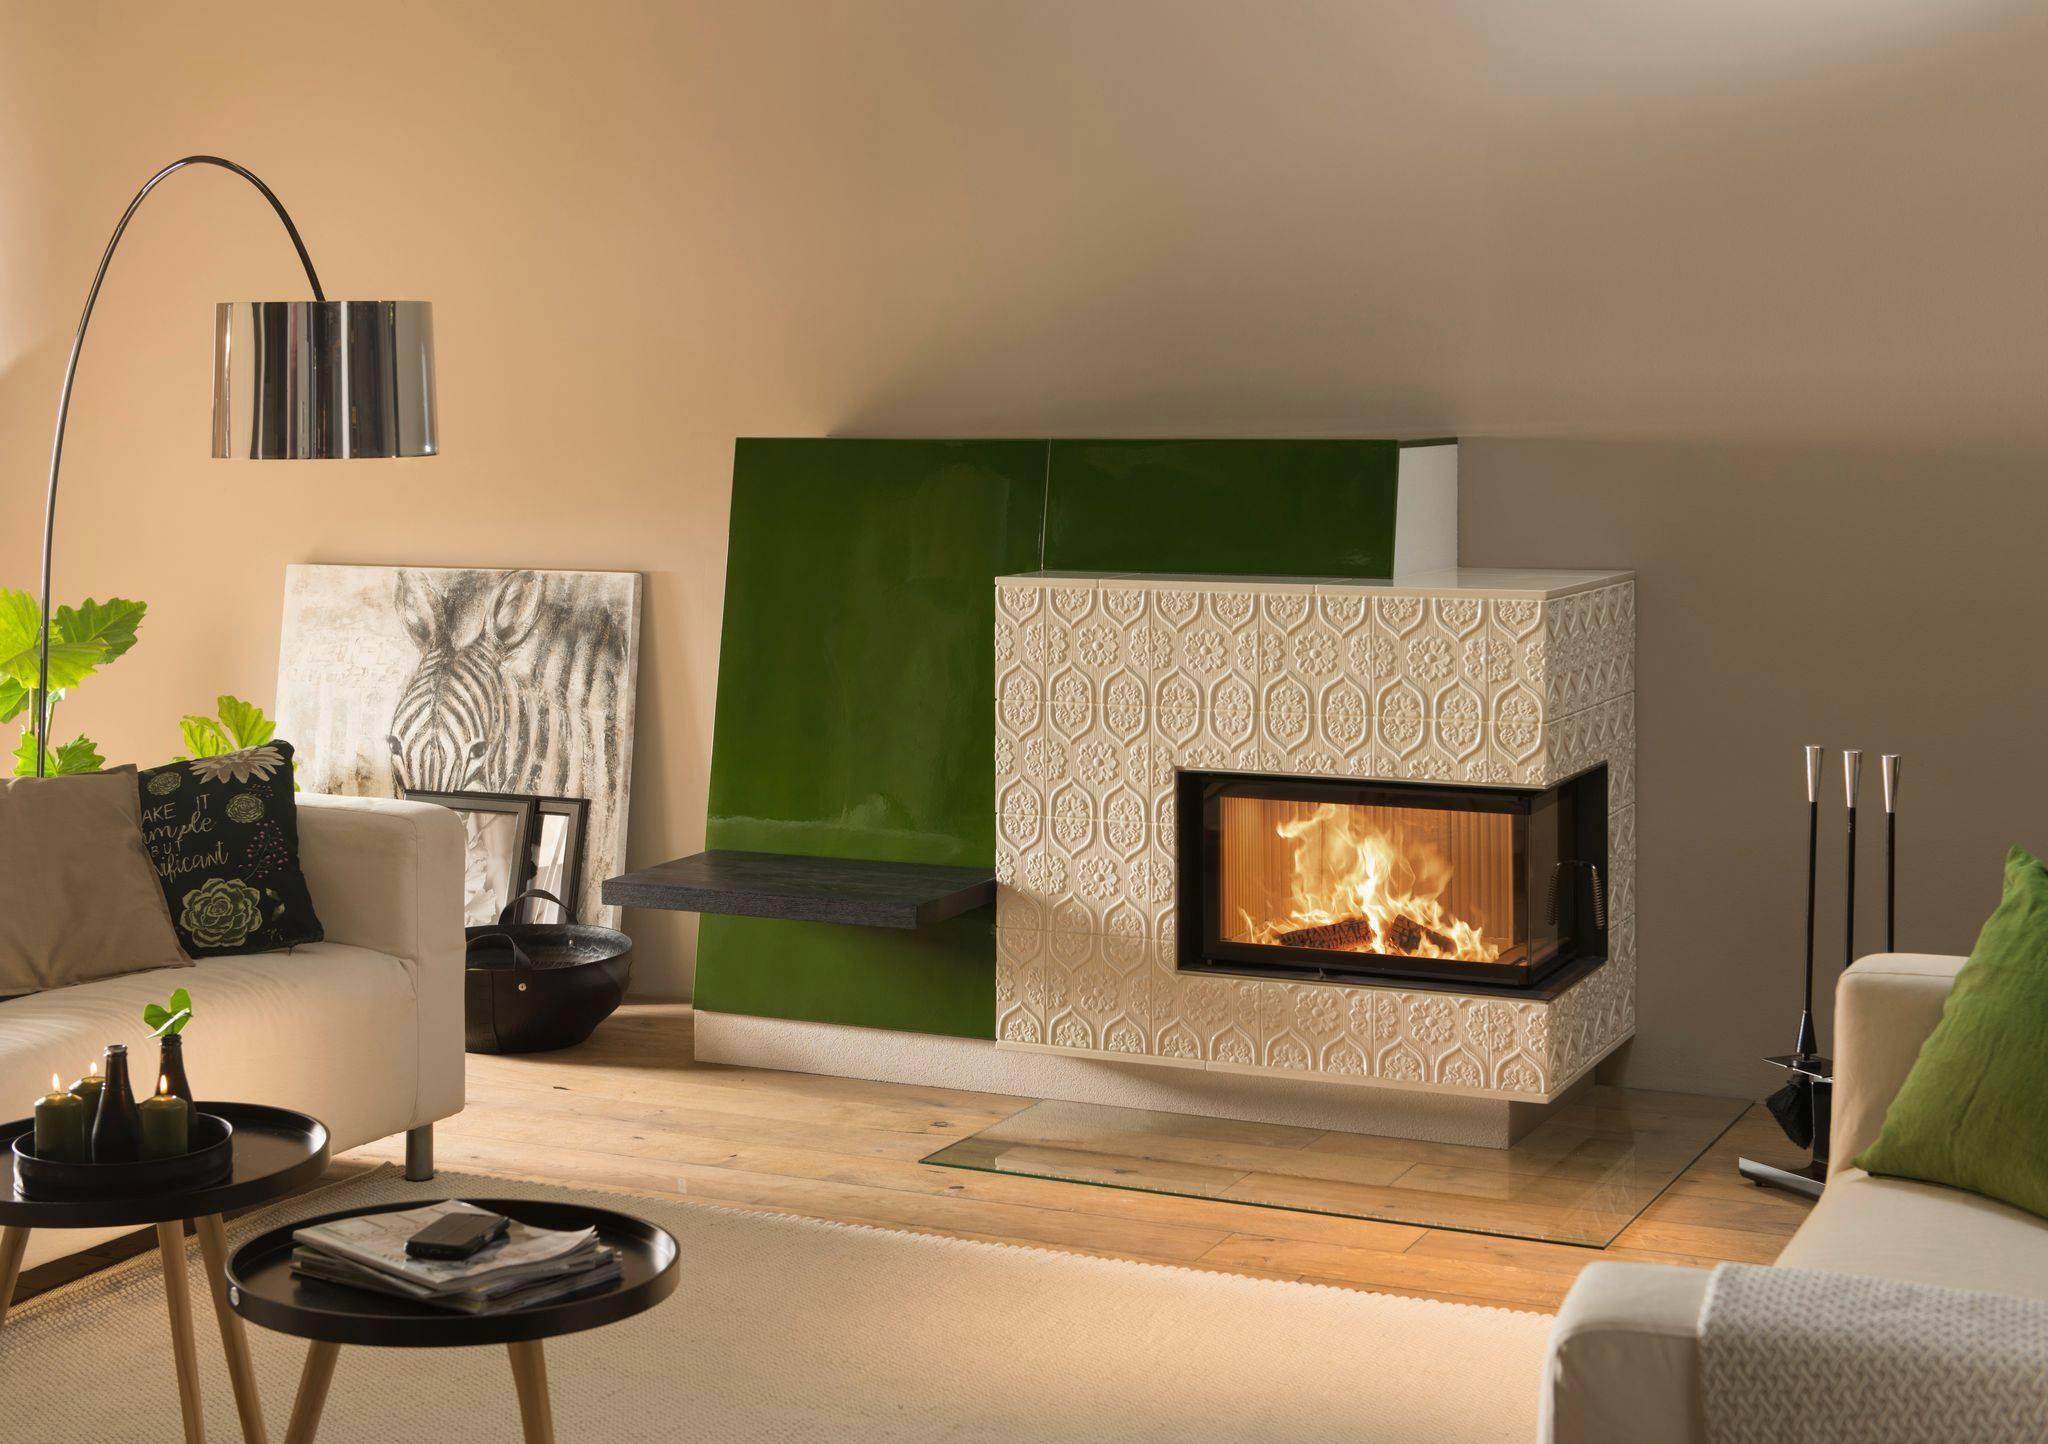 kachel und kamin dekor kamin wandgestaltung kachel idee kamin grau kamin mit kacheln. Black Bedroom Furniture Sets. Home Design Ideas